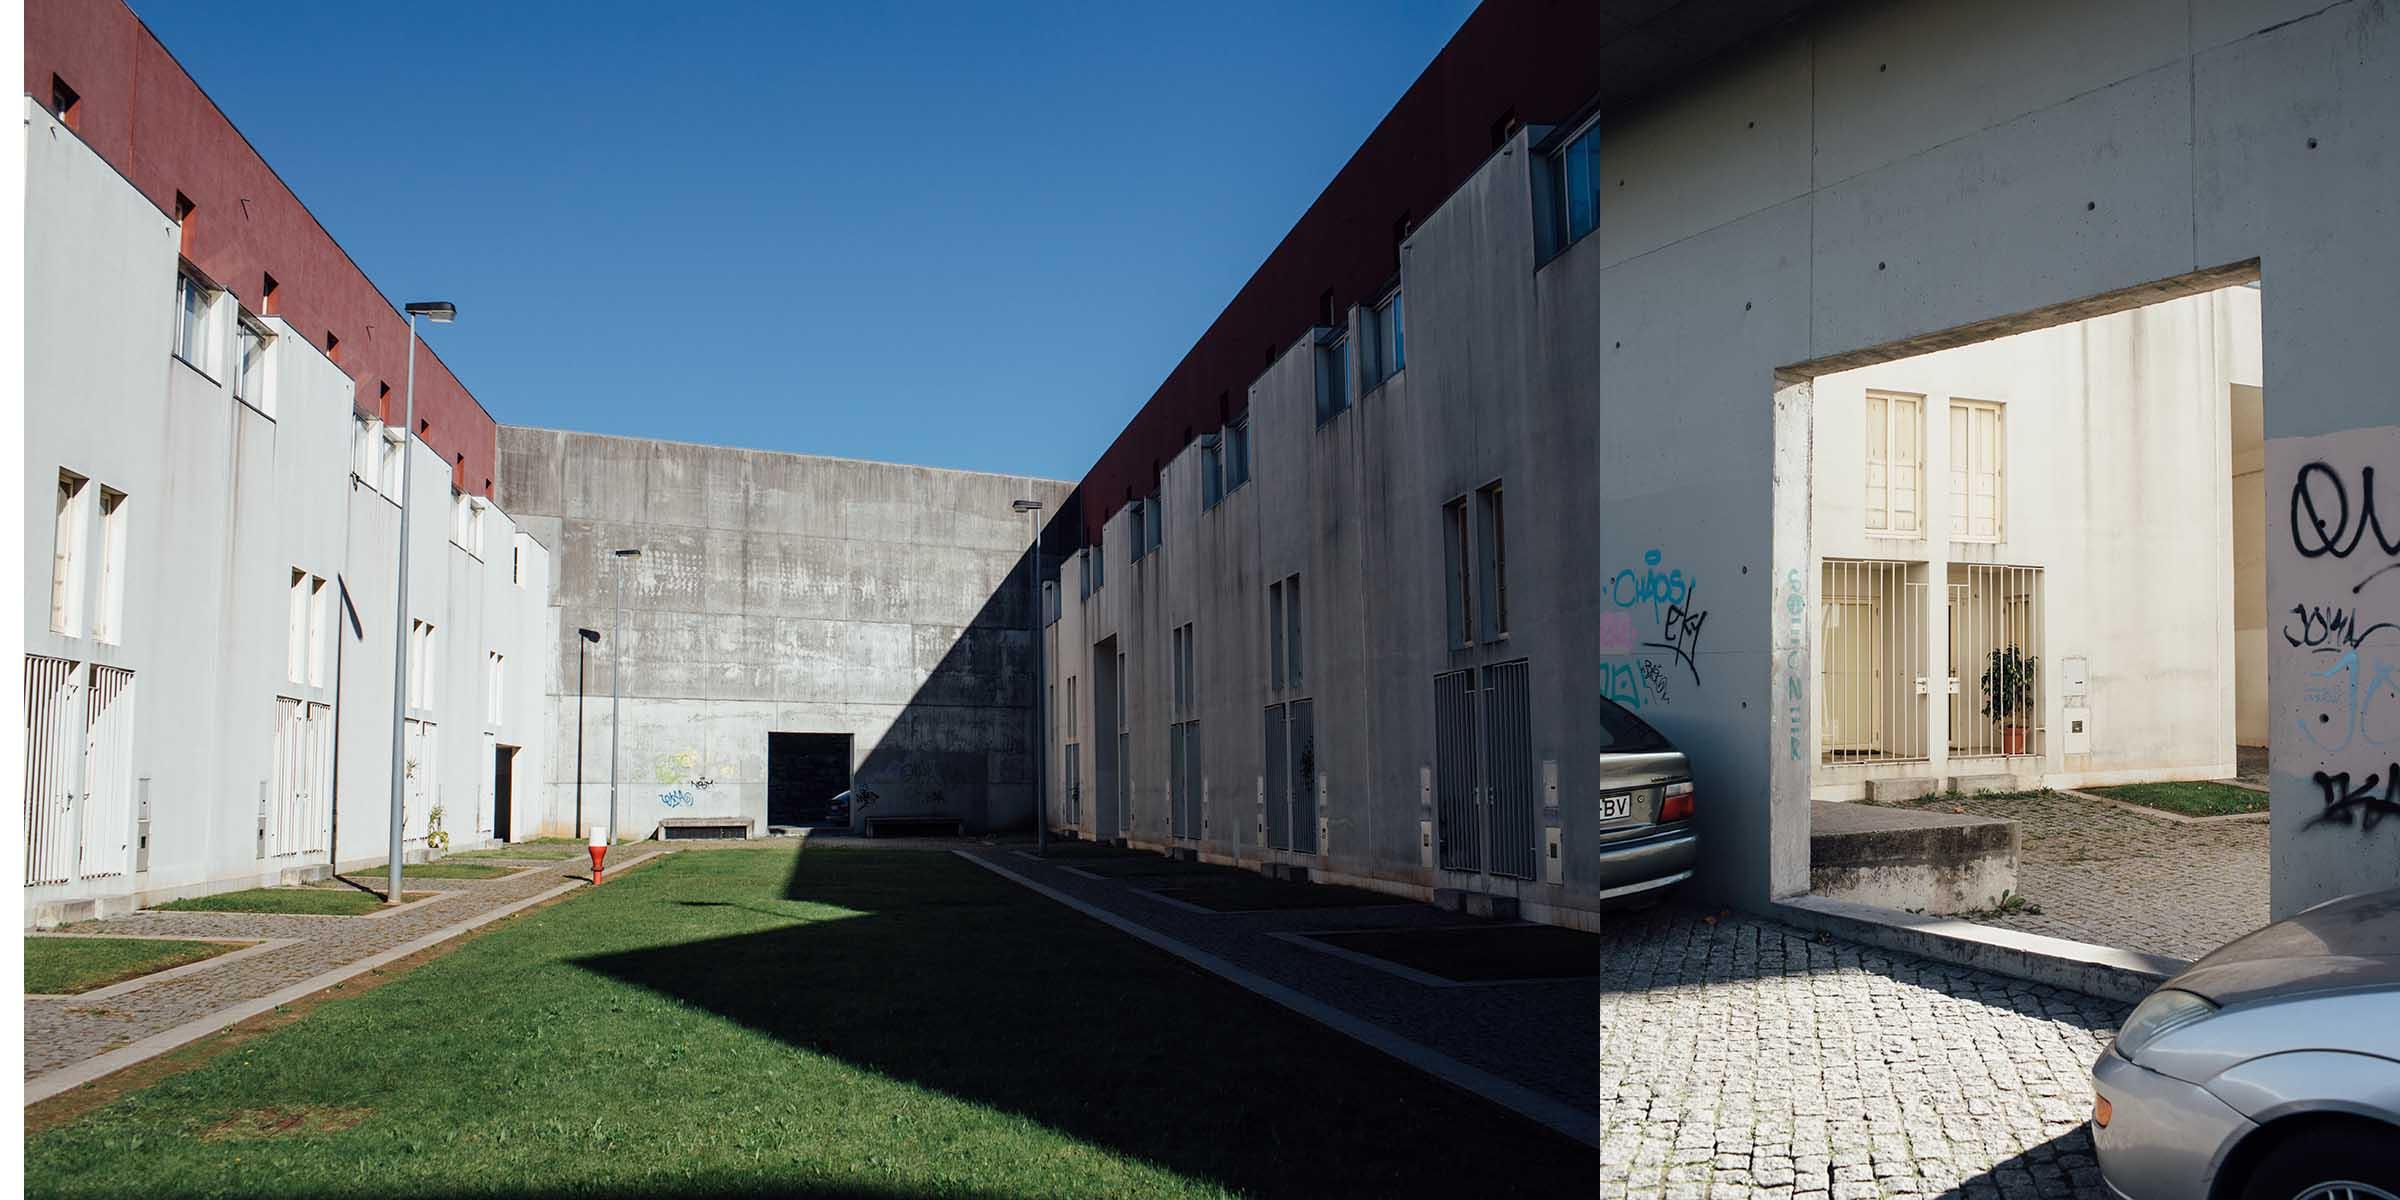 porto_nov17_alvarosizavieira_05.jpg